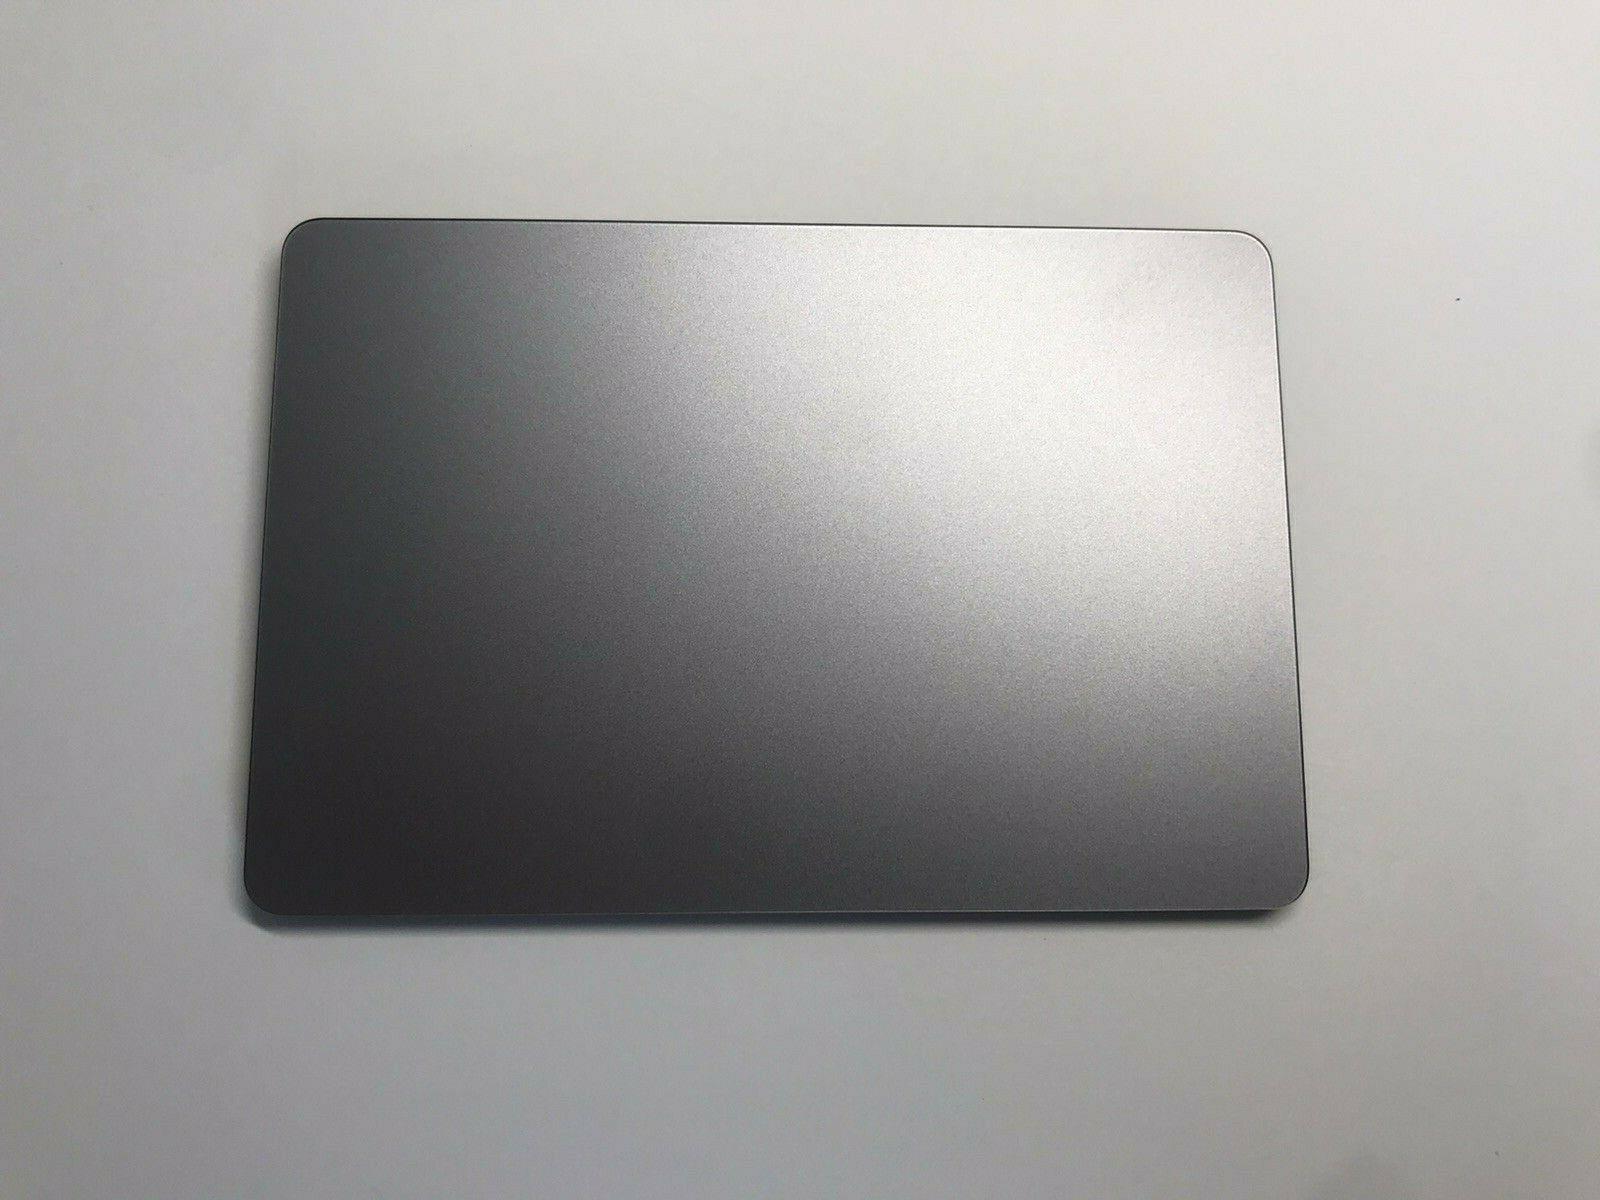 Macbook air m1 trackpad